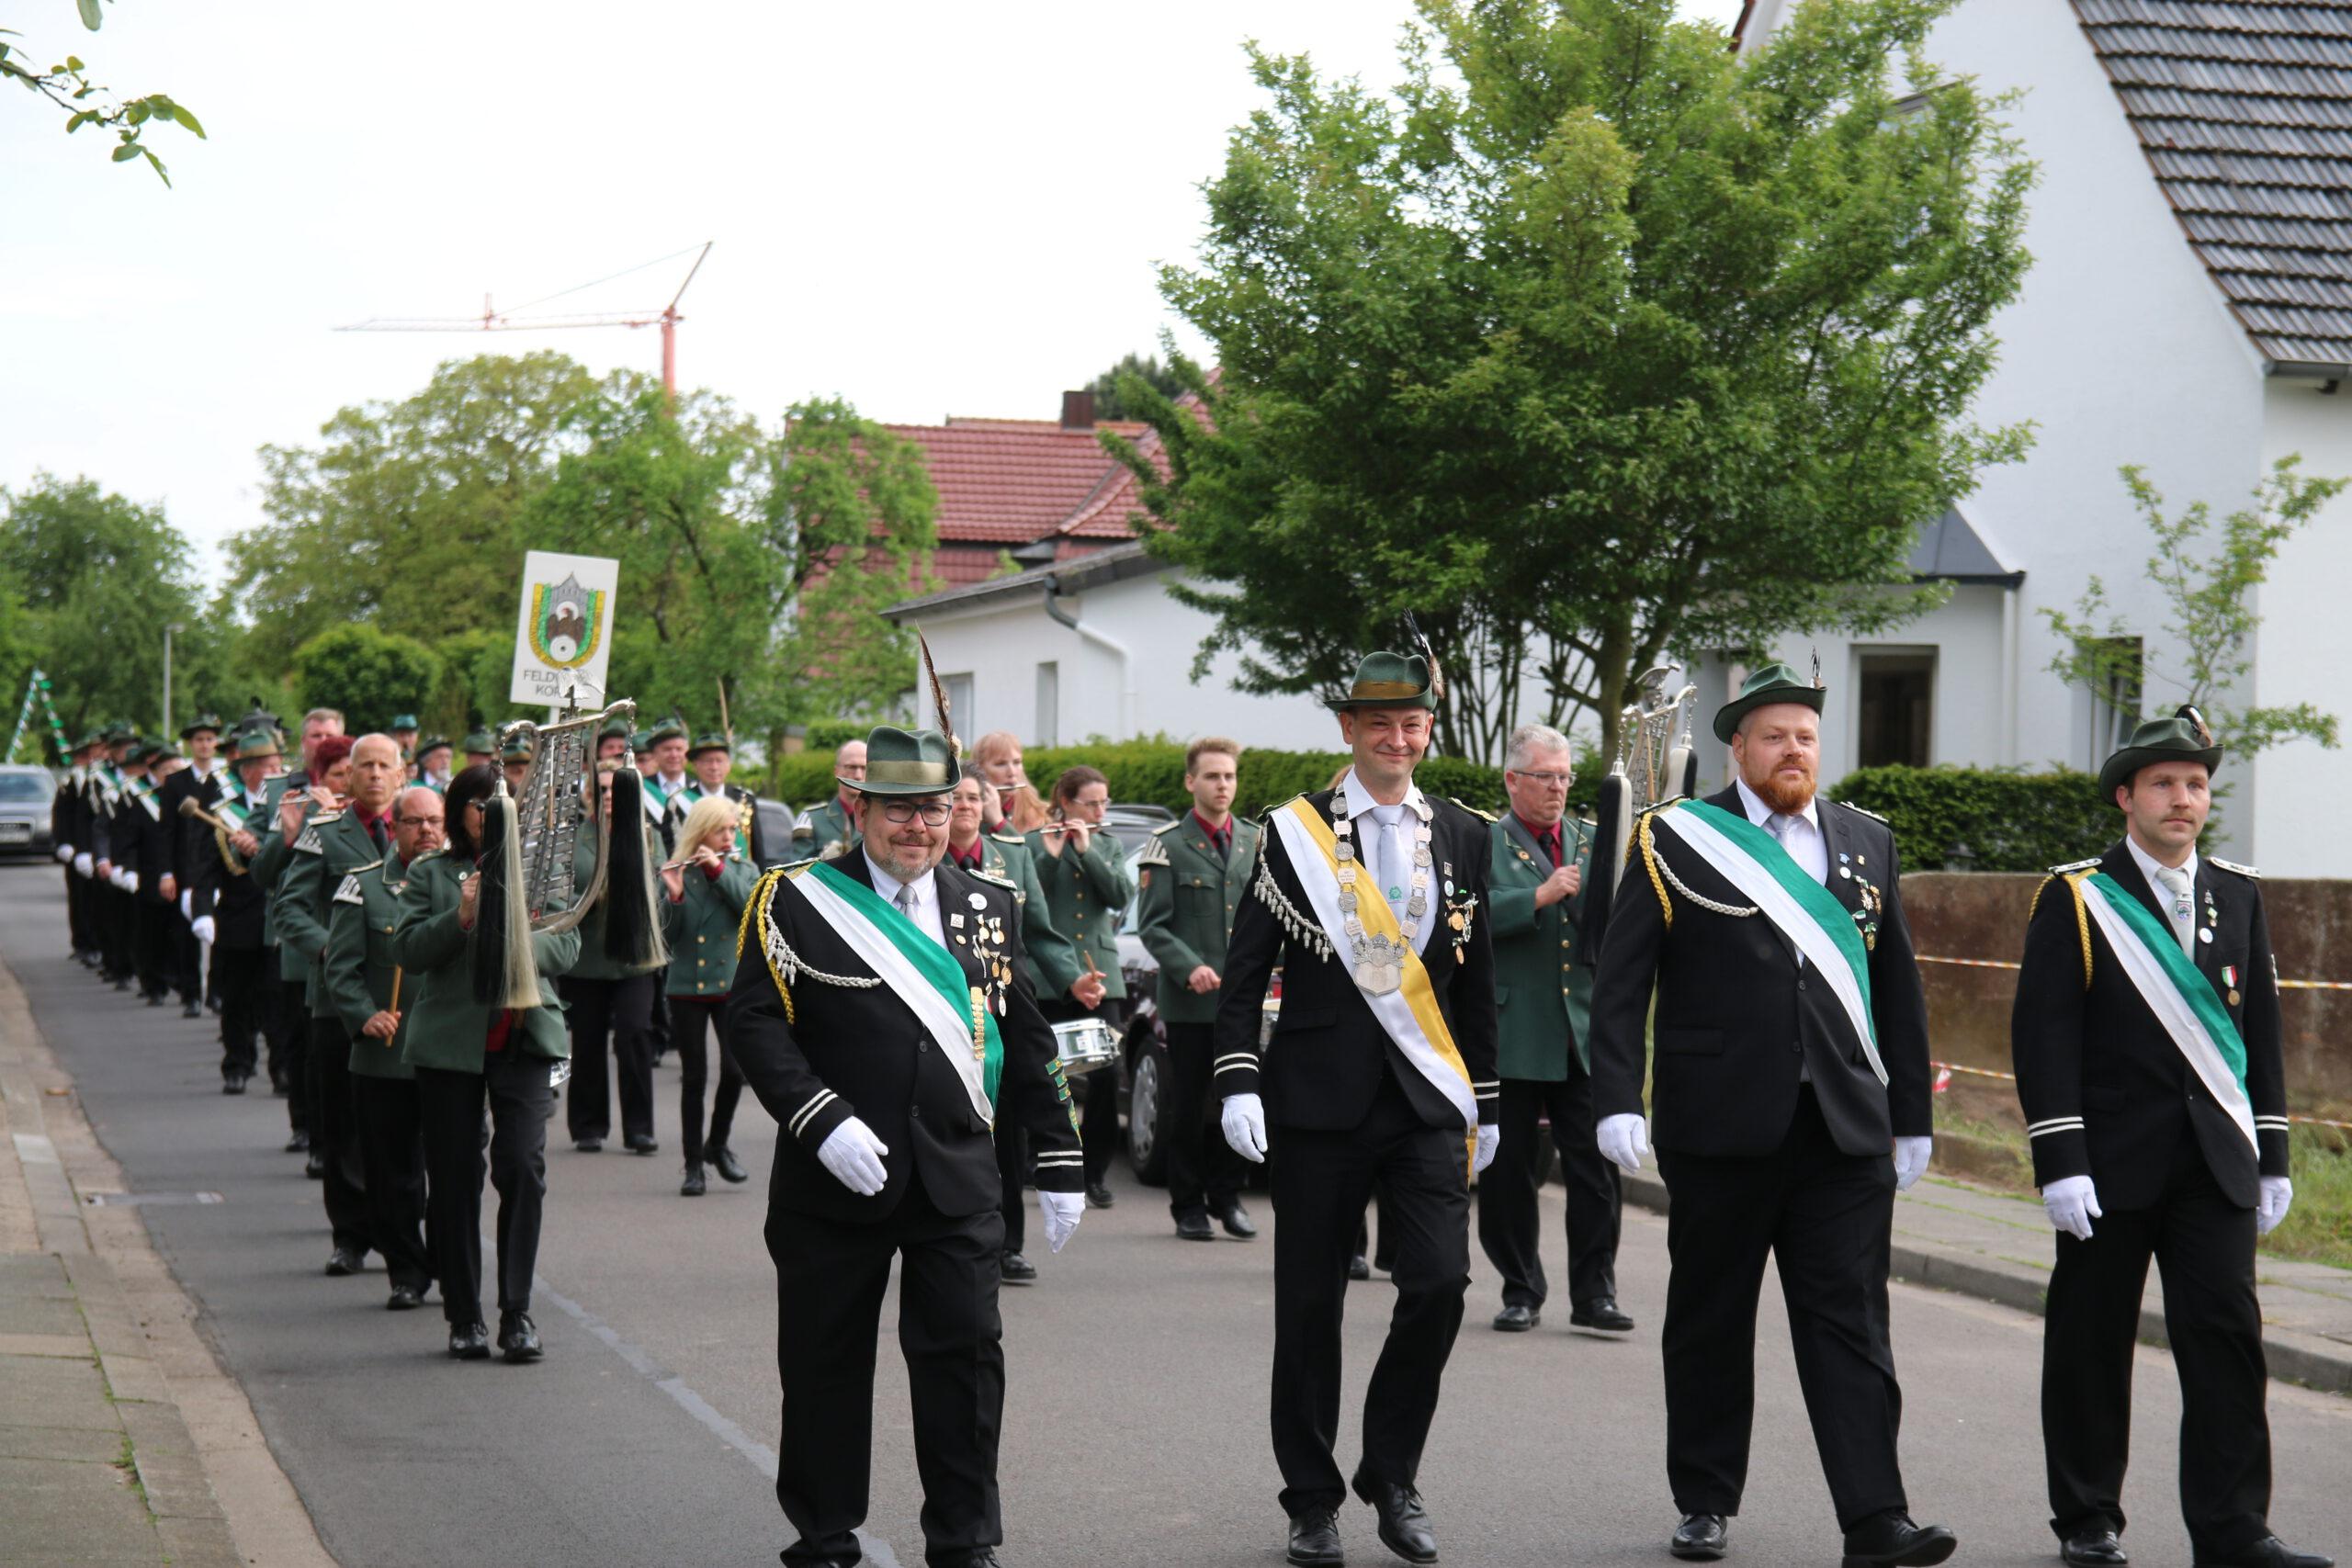 Rückblick: Das war das Schützenfest 2017 in Barkhausen!